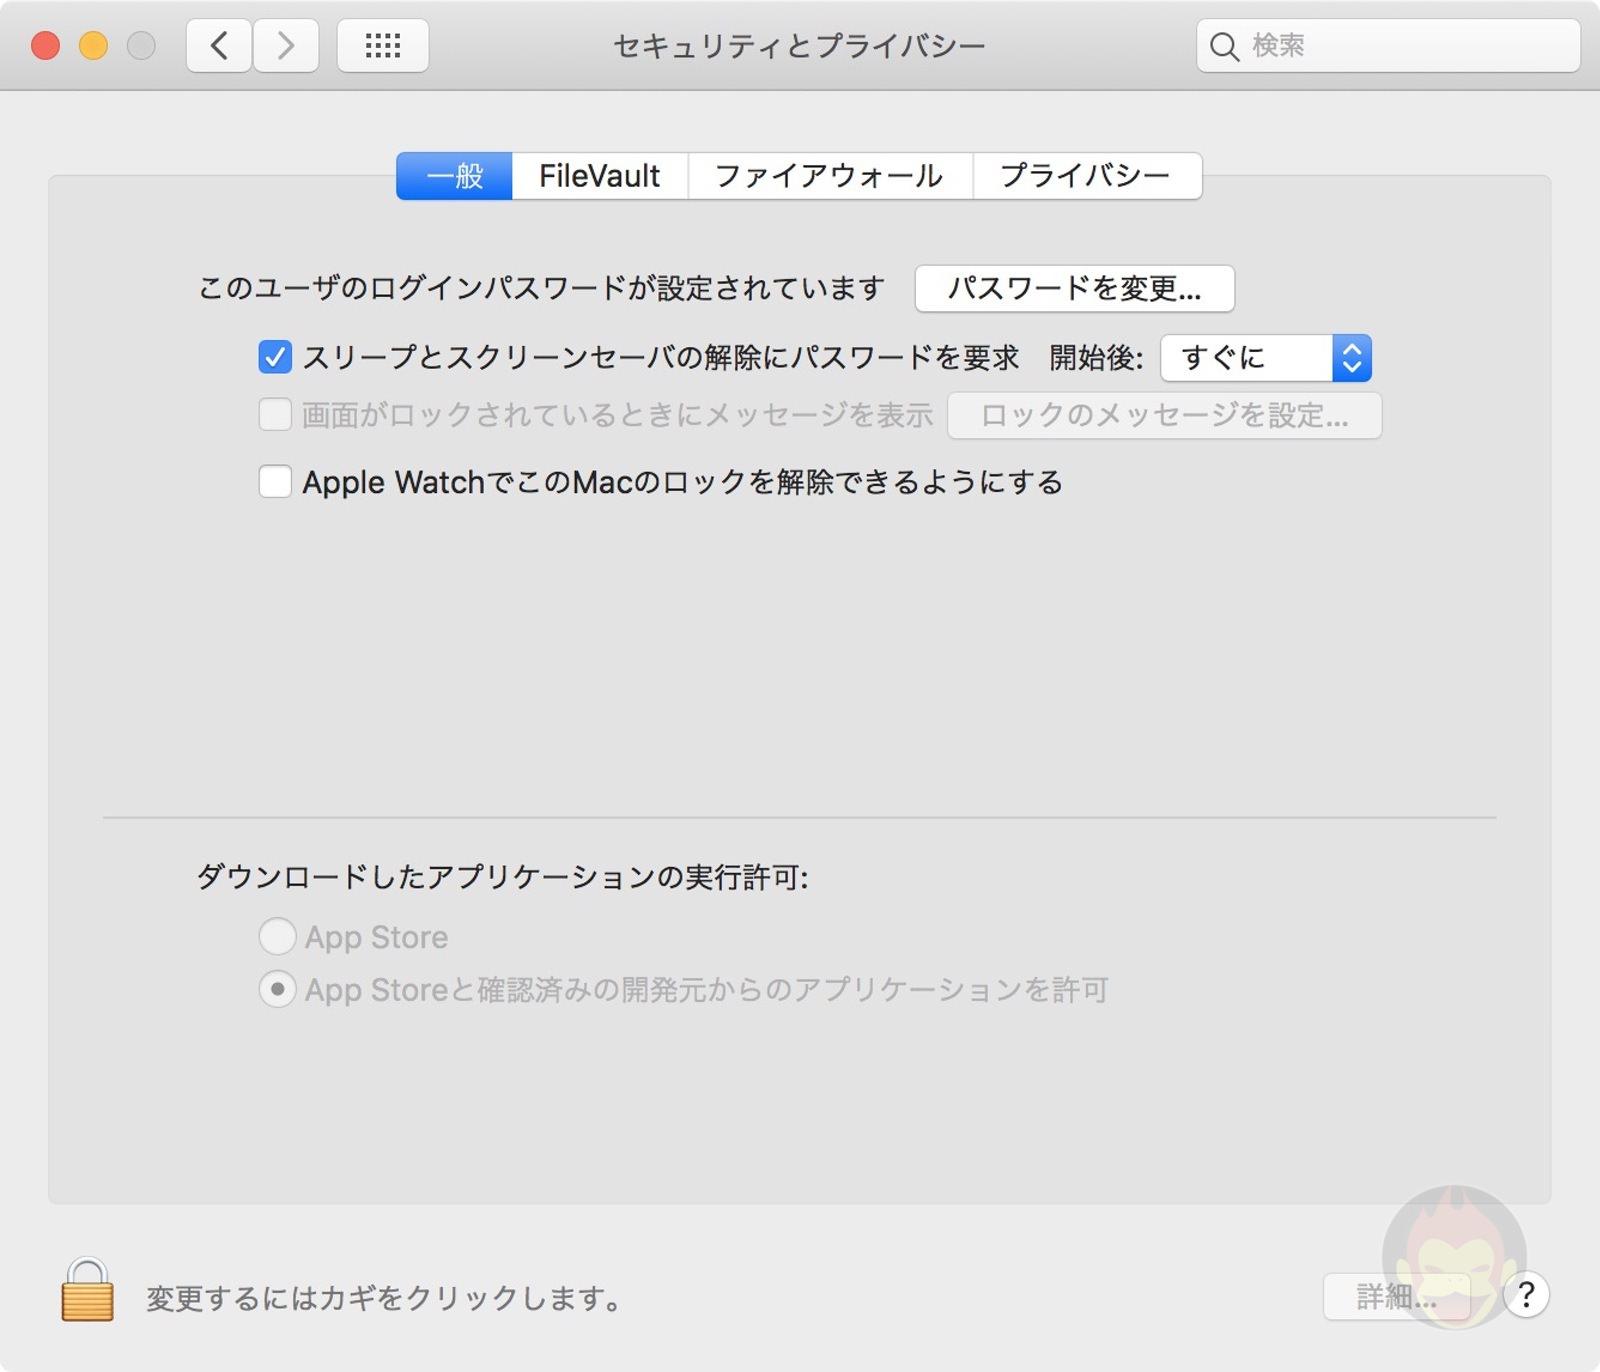 Apple-Watch-Unlock-Fails-after-update-01.jpg